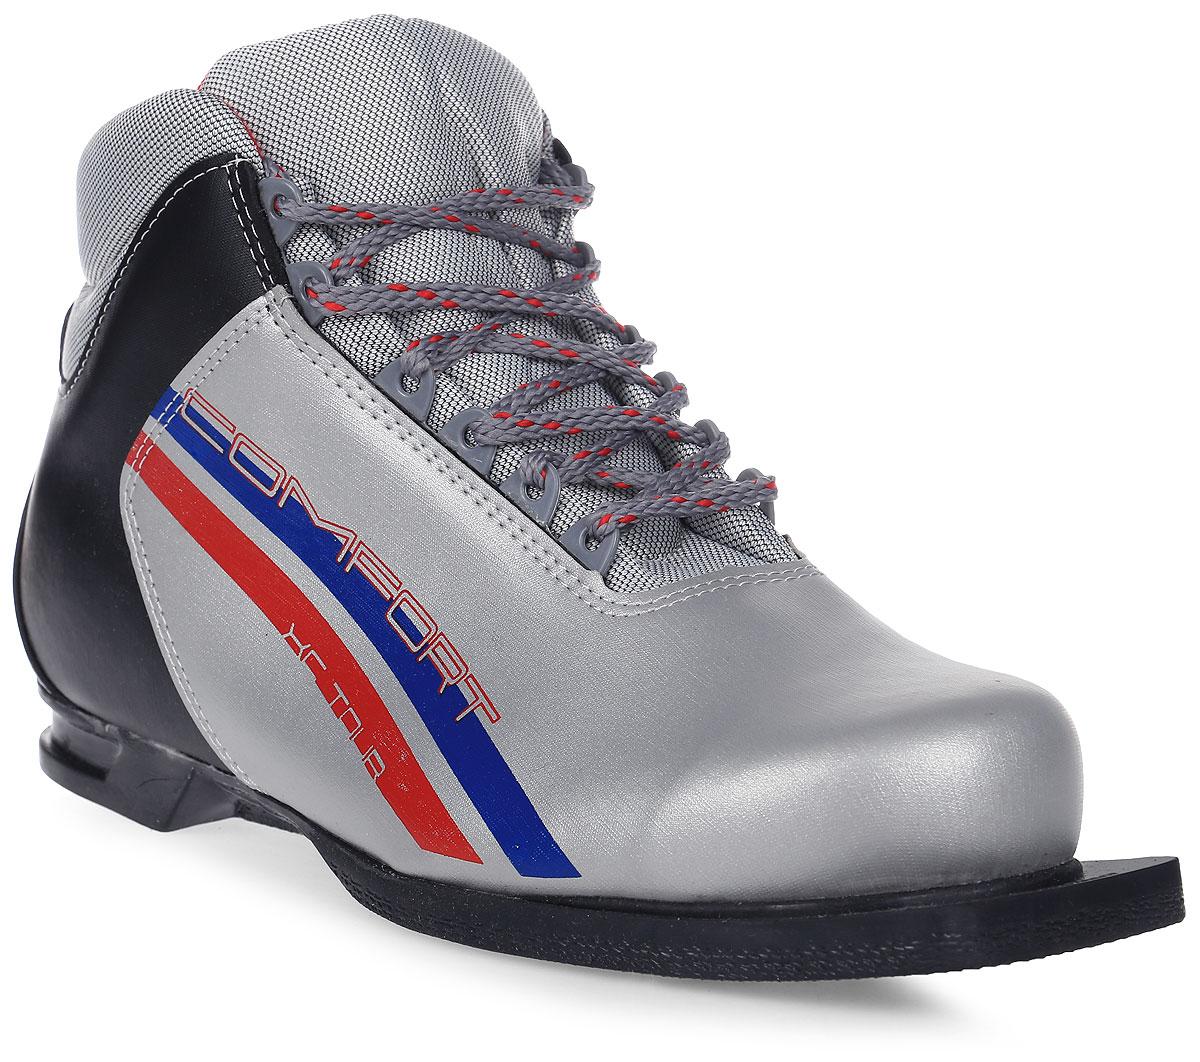 Ботинки лыжные Marax, цвет: серебристый, синий, черный. М350. Размер 40М350_серебряный, синий, красный_40Лыжные ботинки Marax предназначены для активного отдыха. Модельизготовлена из морозостойкой искусственной кожи и текстиля. Подкладка выполнена из искусственного меха и флиса, благодаря чему ваши ноги всегда будут в тепле. Шерстяная стелька комфортна при беге. Вставка на заднике обеспечивает дополнительную жесткость, позволяя дольше сохранять первоначальную форму ботинка и предотвращать натирание стопы. Ботинки снабжены шнуровкой с пластиковыми петлями и язычком-клапаном, который защищает от попадания снега и влаги. Подошва системы 75 мм из двухкомпонентной резины является надежной и весьма простой системой крепежа и позволяет безбоязненно использовать ботинокдо -25°С. В таких лыжных ботинках вам будет комфортно и уютно.